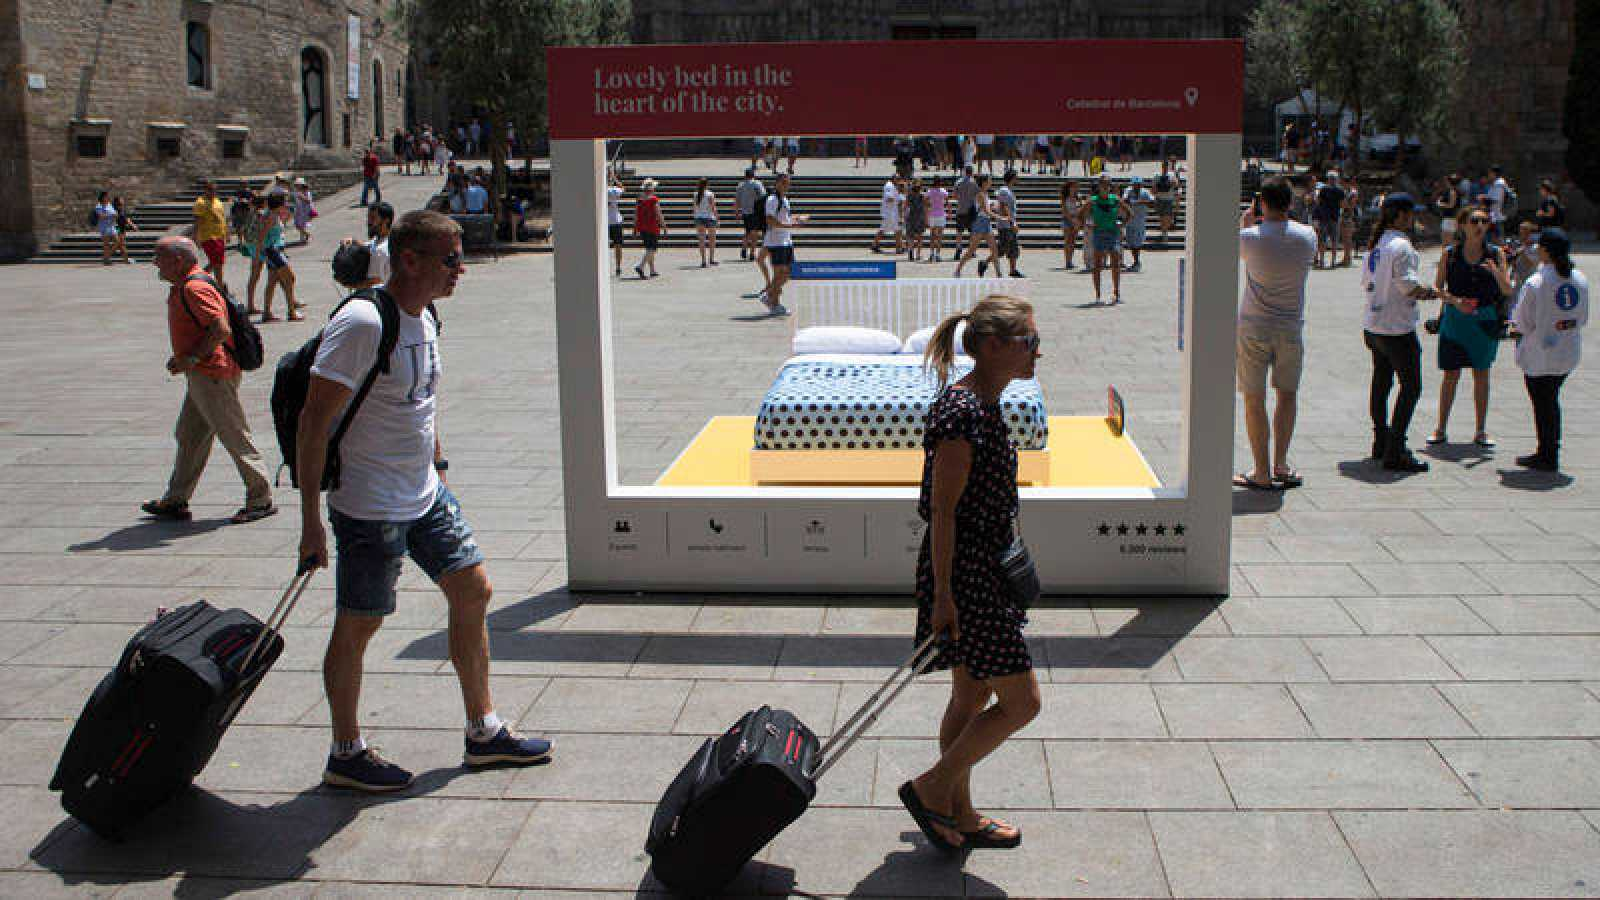 Campaña del Ayuntamiento de Barcelona para concienciar a los turistas sobre los alquileres ilegales